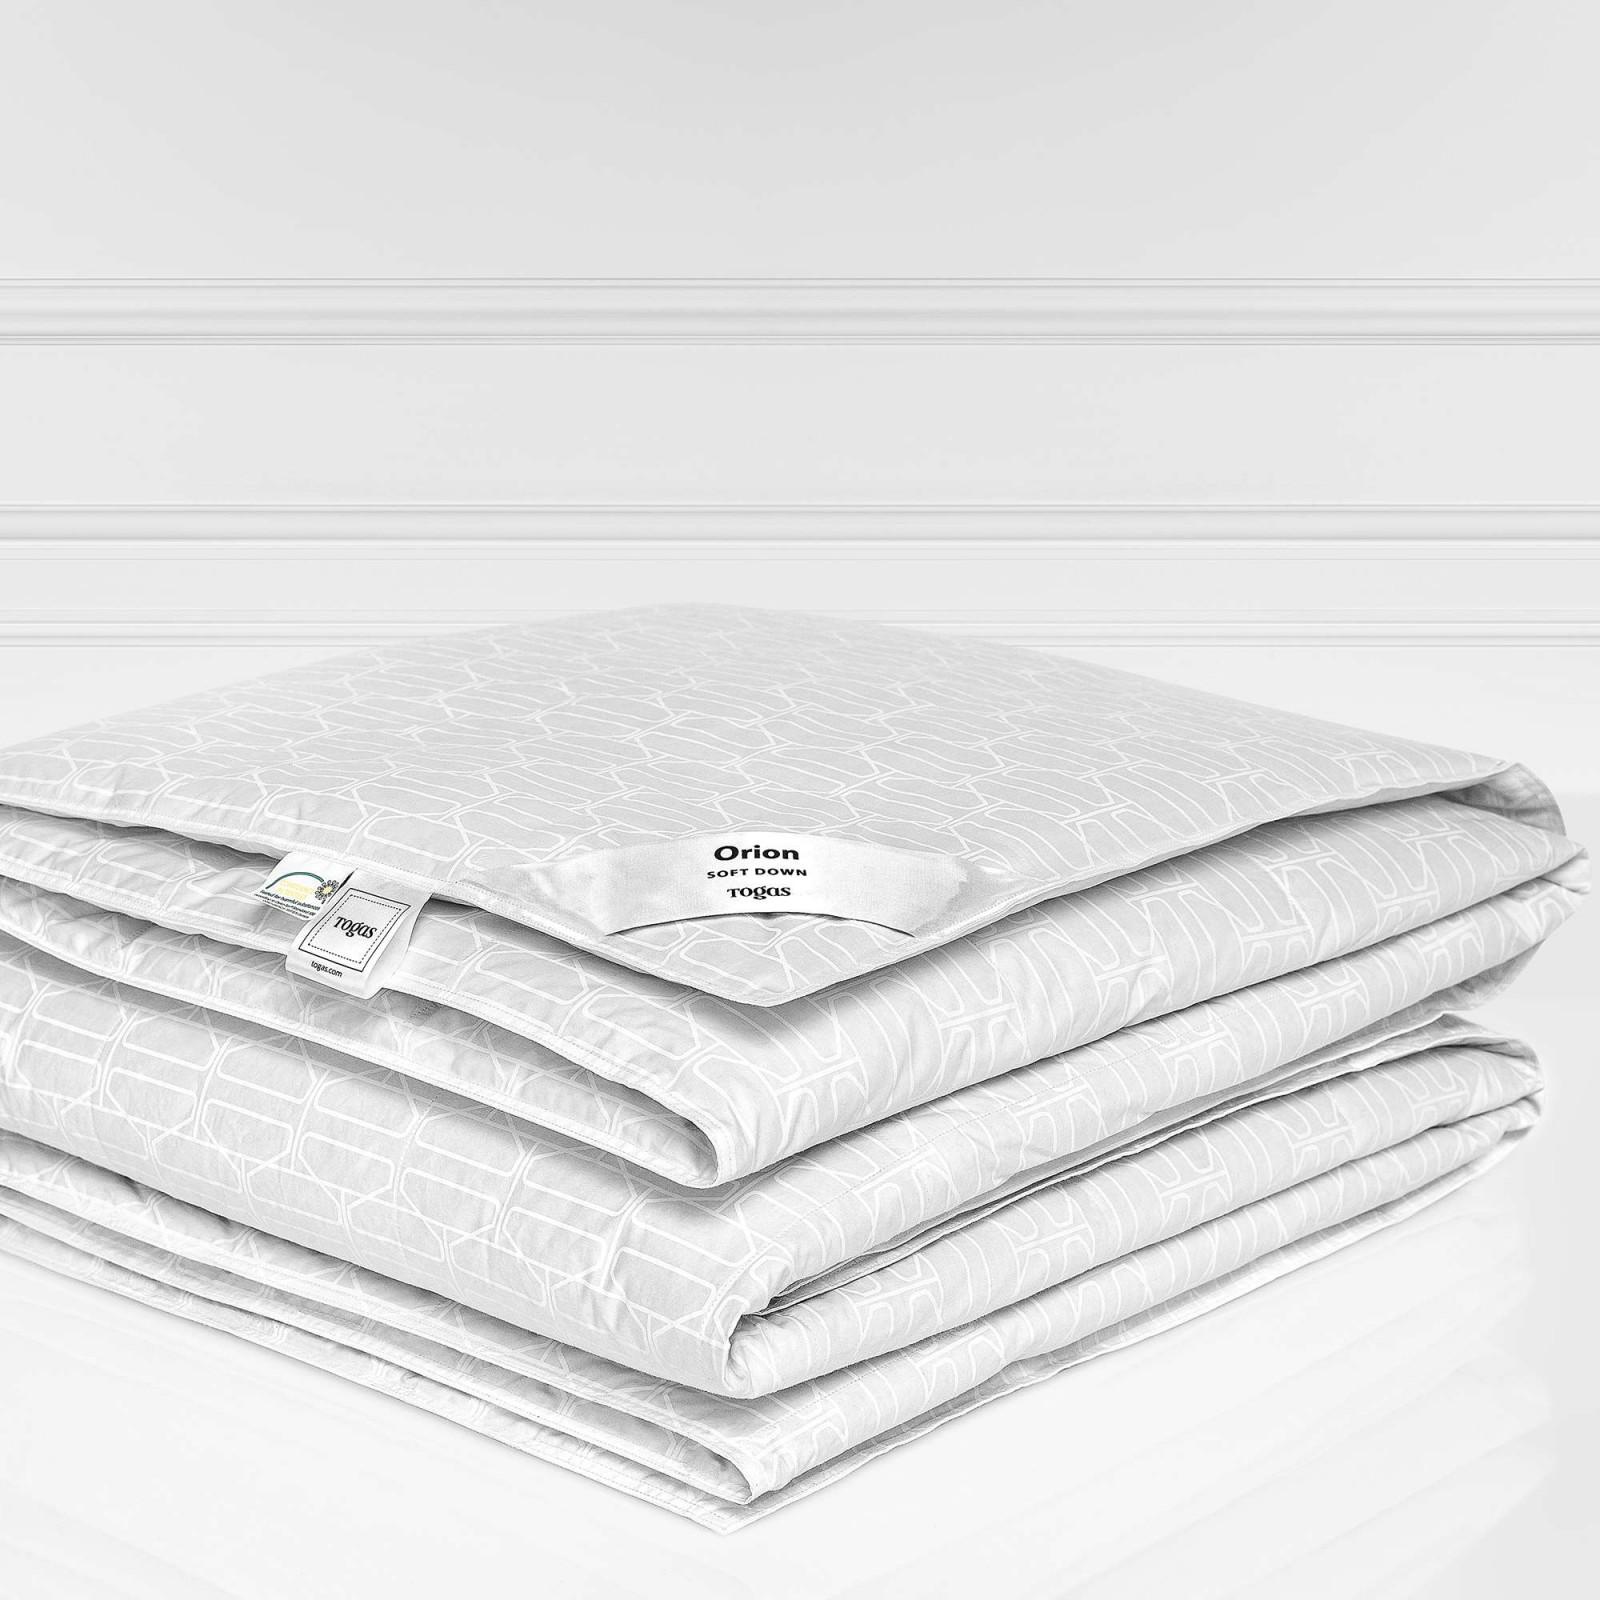 Одеяла Togas Одеяло Орион Всесезонное (200х210 см) одеяла togas одеяло гелиос 220х240 см